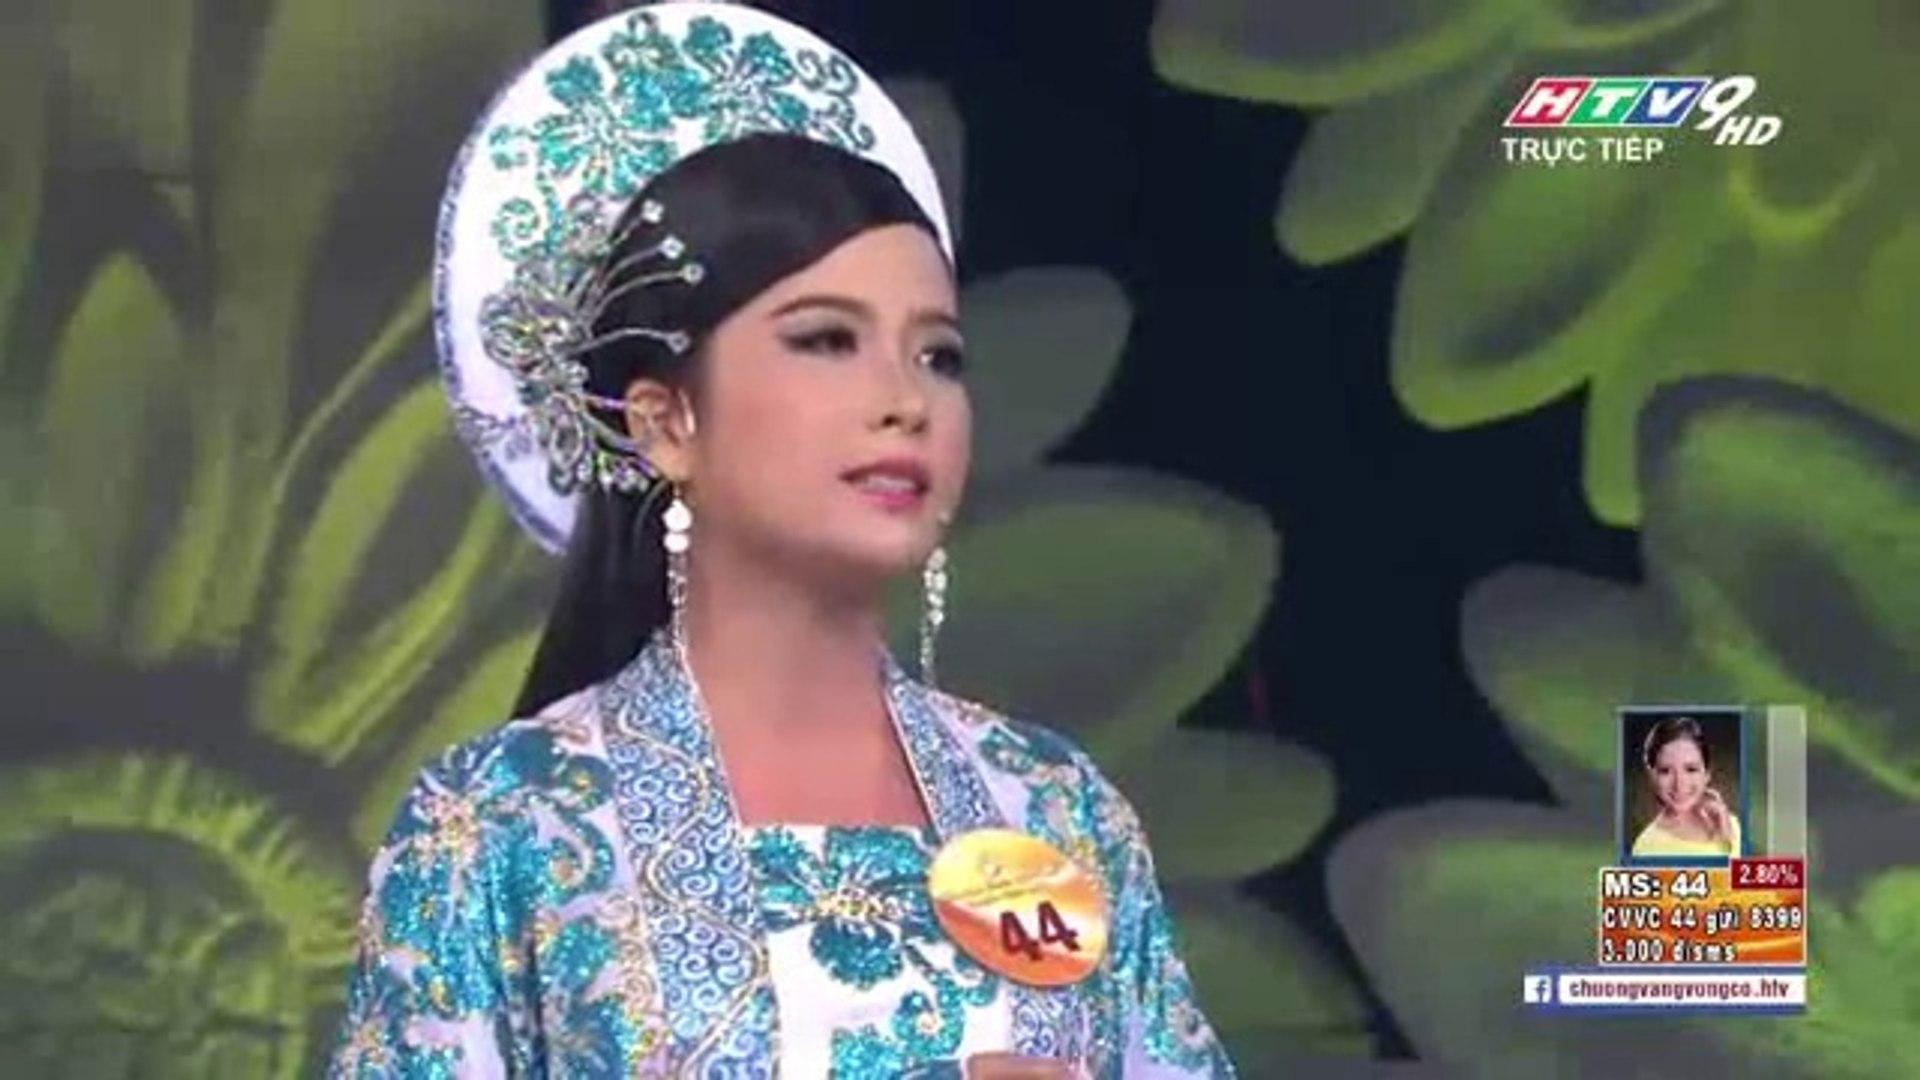 Ca cổ Tâm sự Ngọc Hân _ Huỳnh Tiểu Nhi _ Trích Chung kết xếp hạng đêm thi thứ 1 - Chuông vàng vọng c